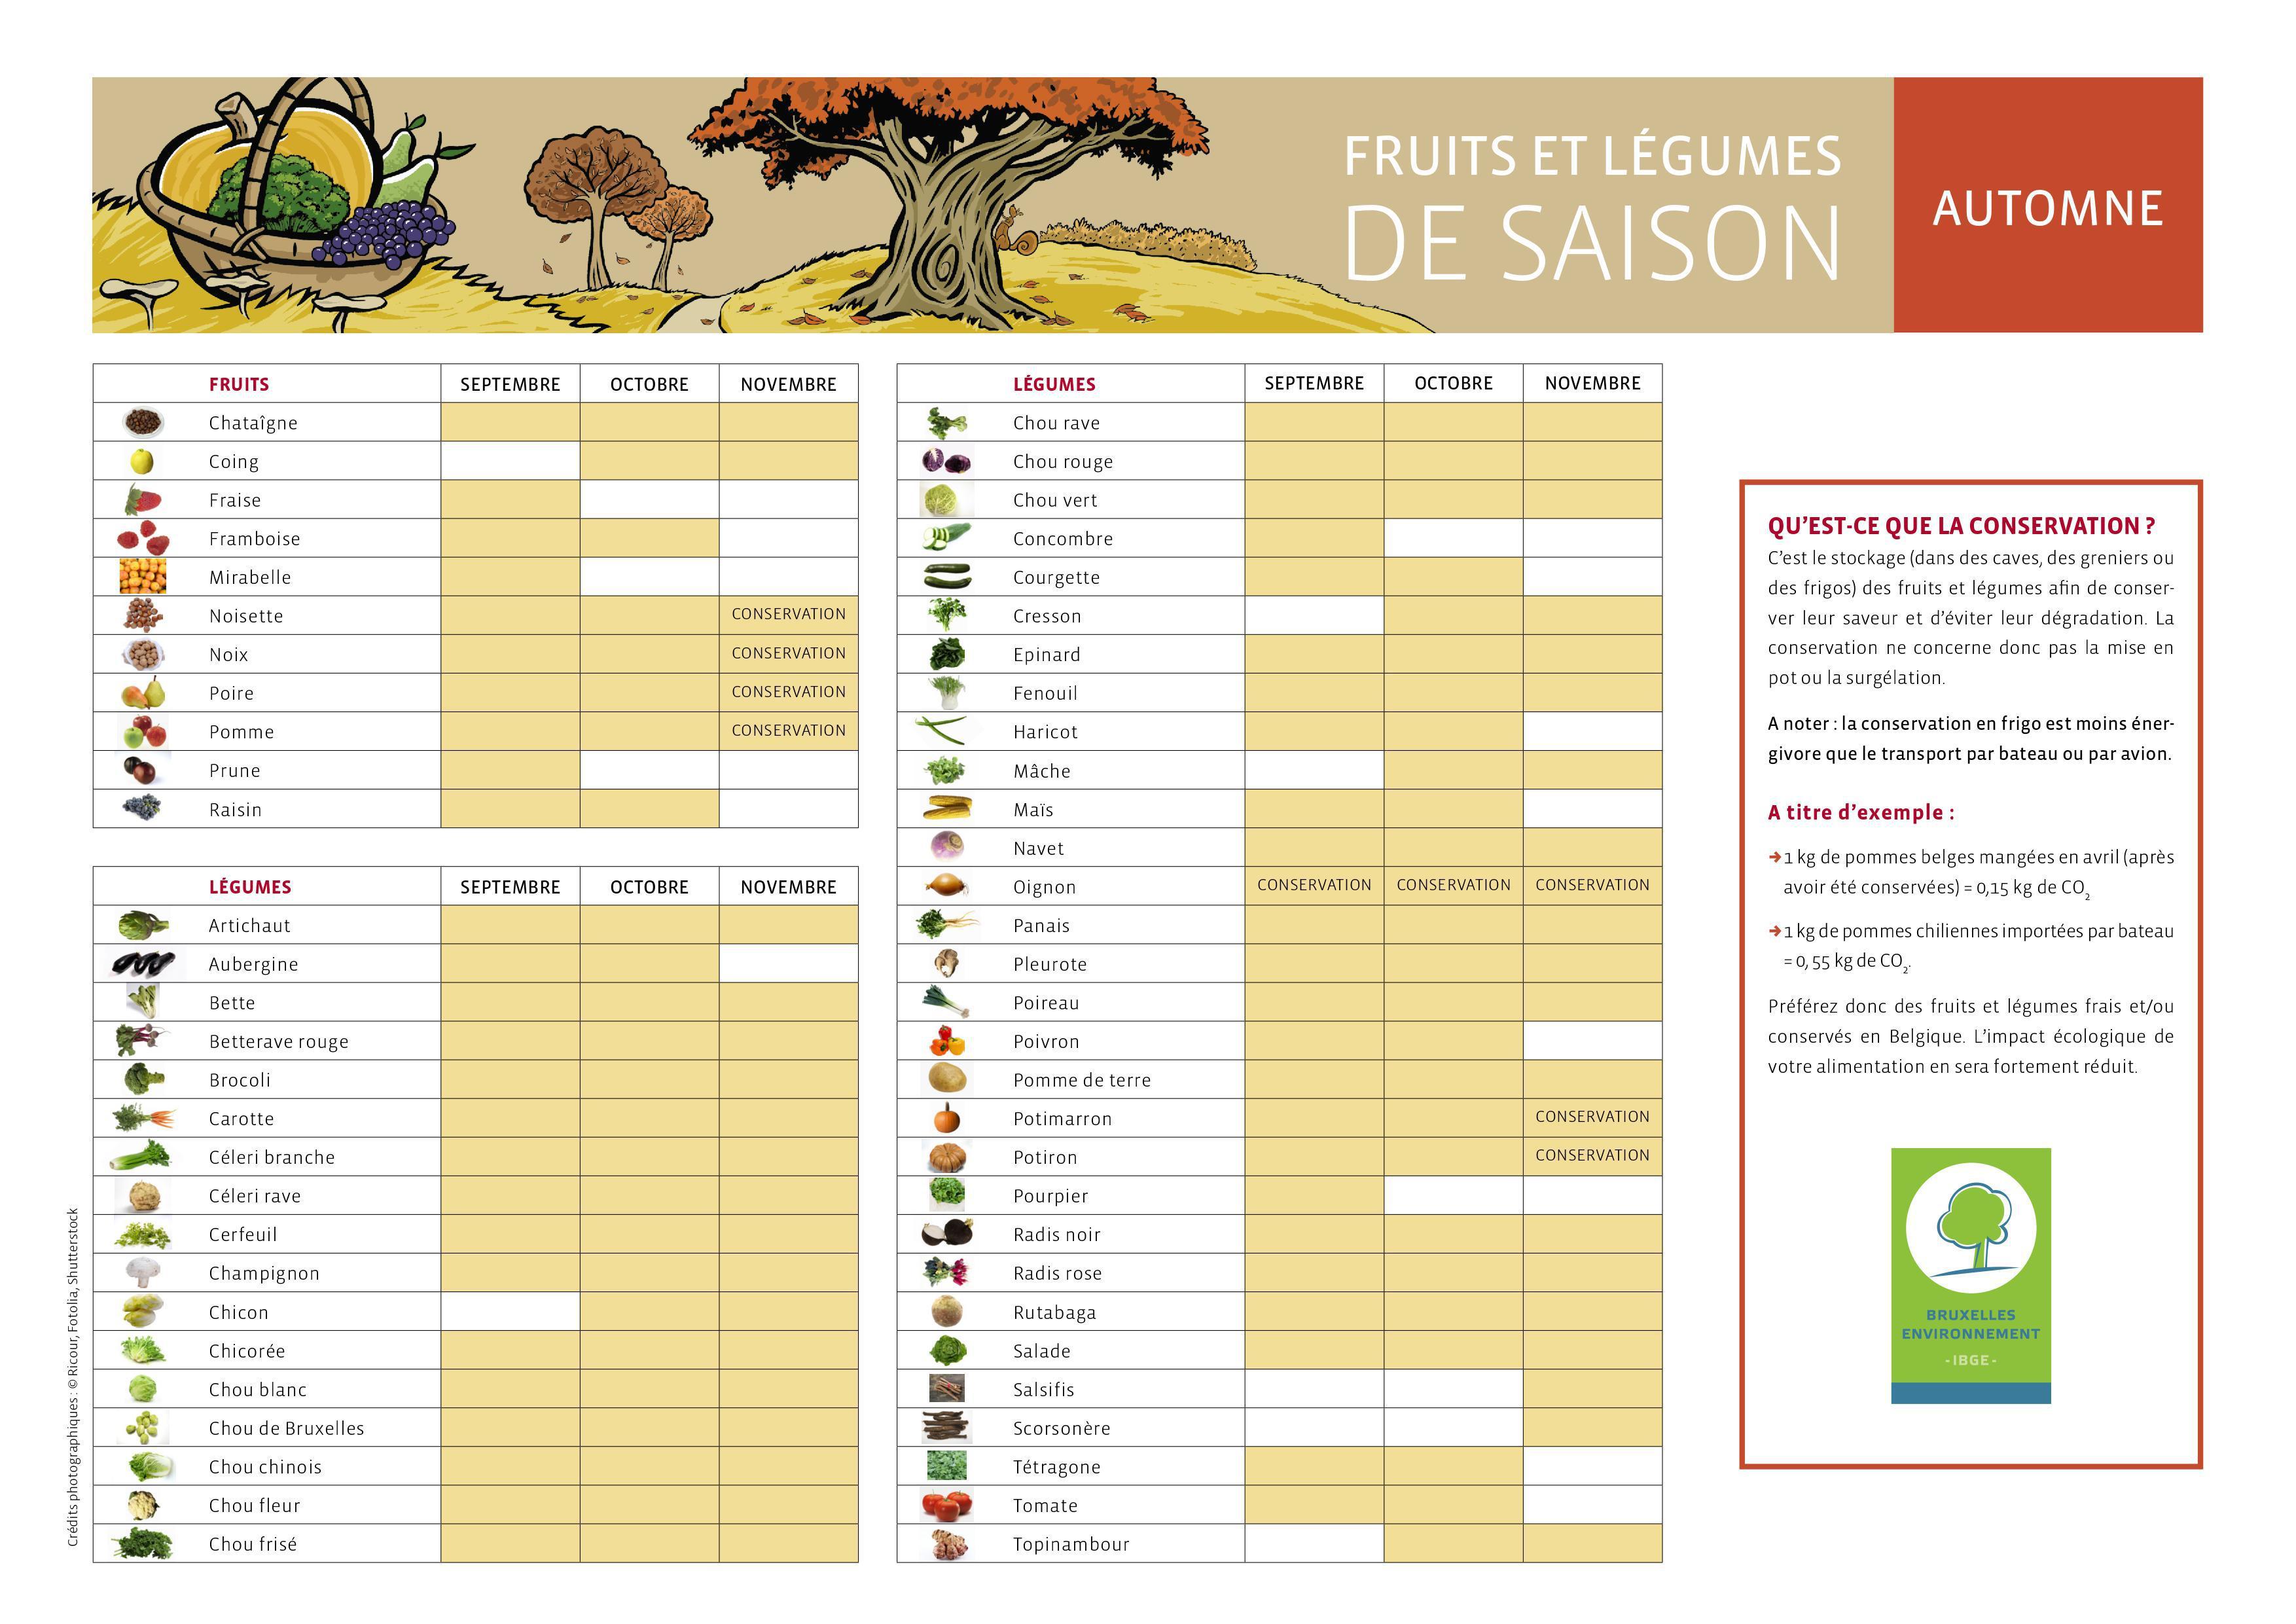 Les fruits et l gumes de saison calendrier pdf par - Calendrier fruits et legumes de saison ...